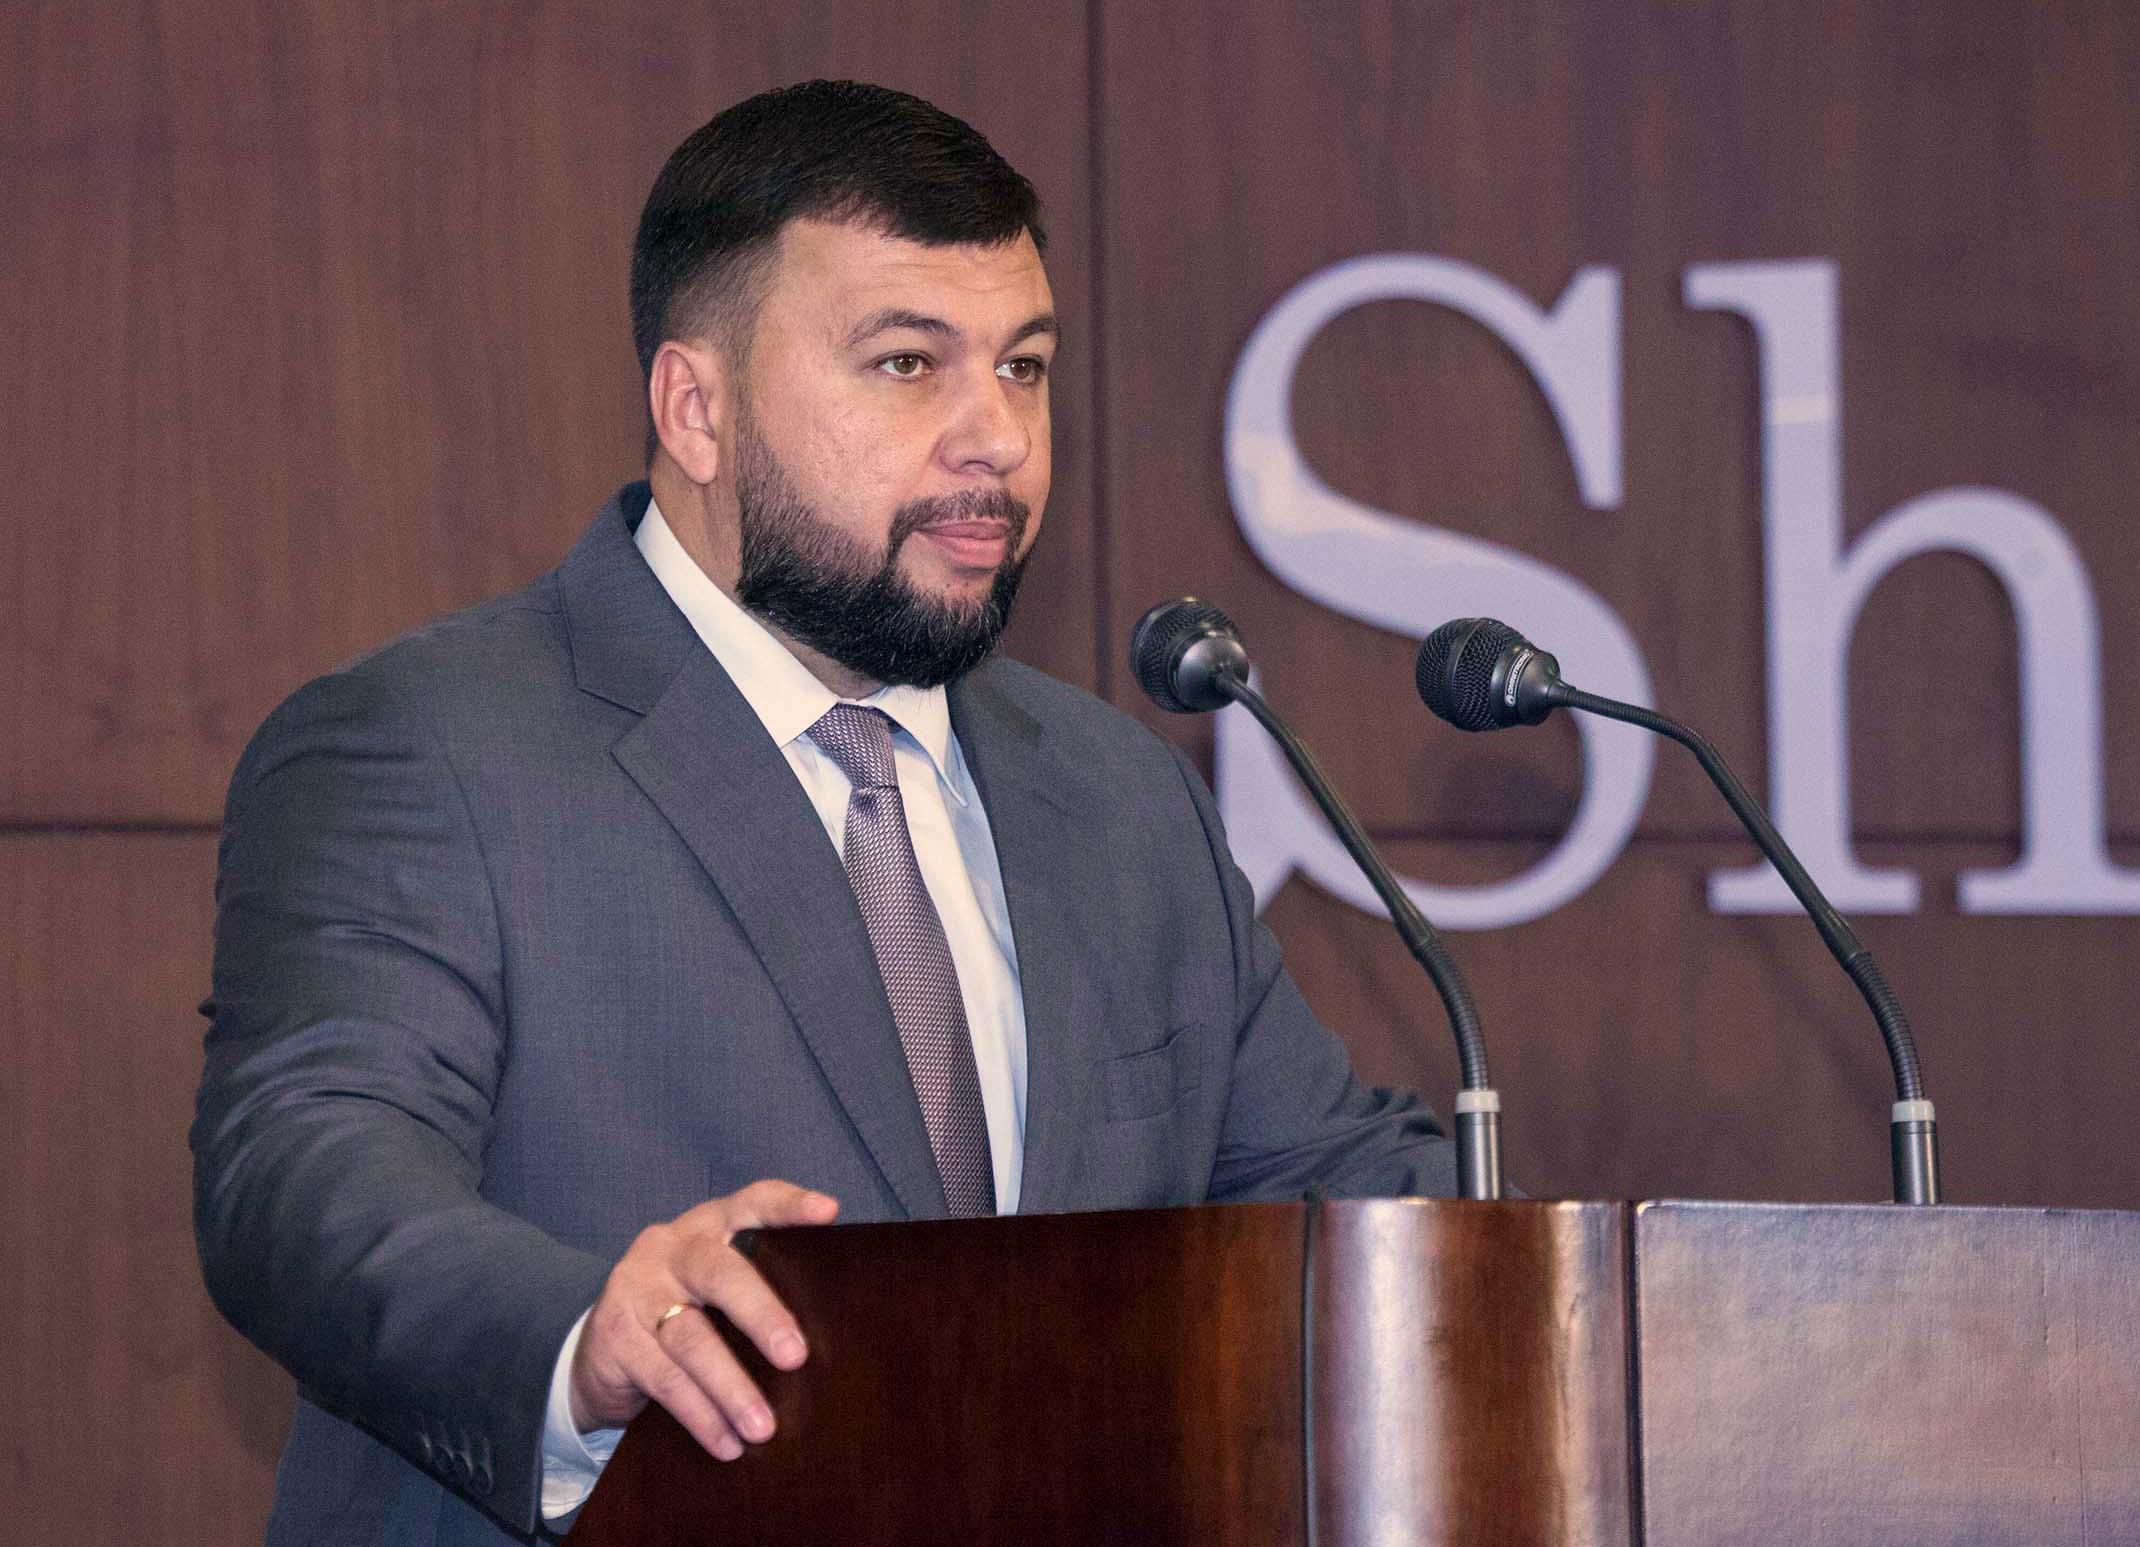 Глава ДНР Денис Пушилин отметил весомый вклад работников торговли в развитие экономики Республики